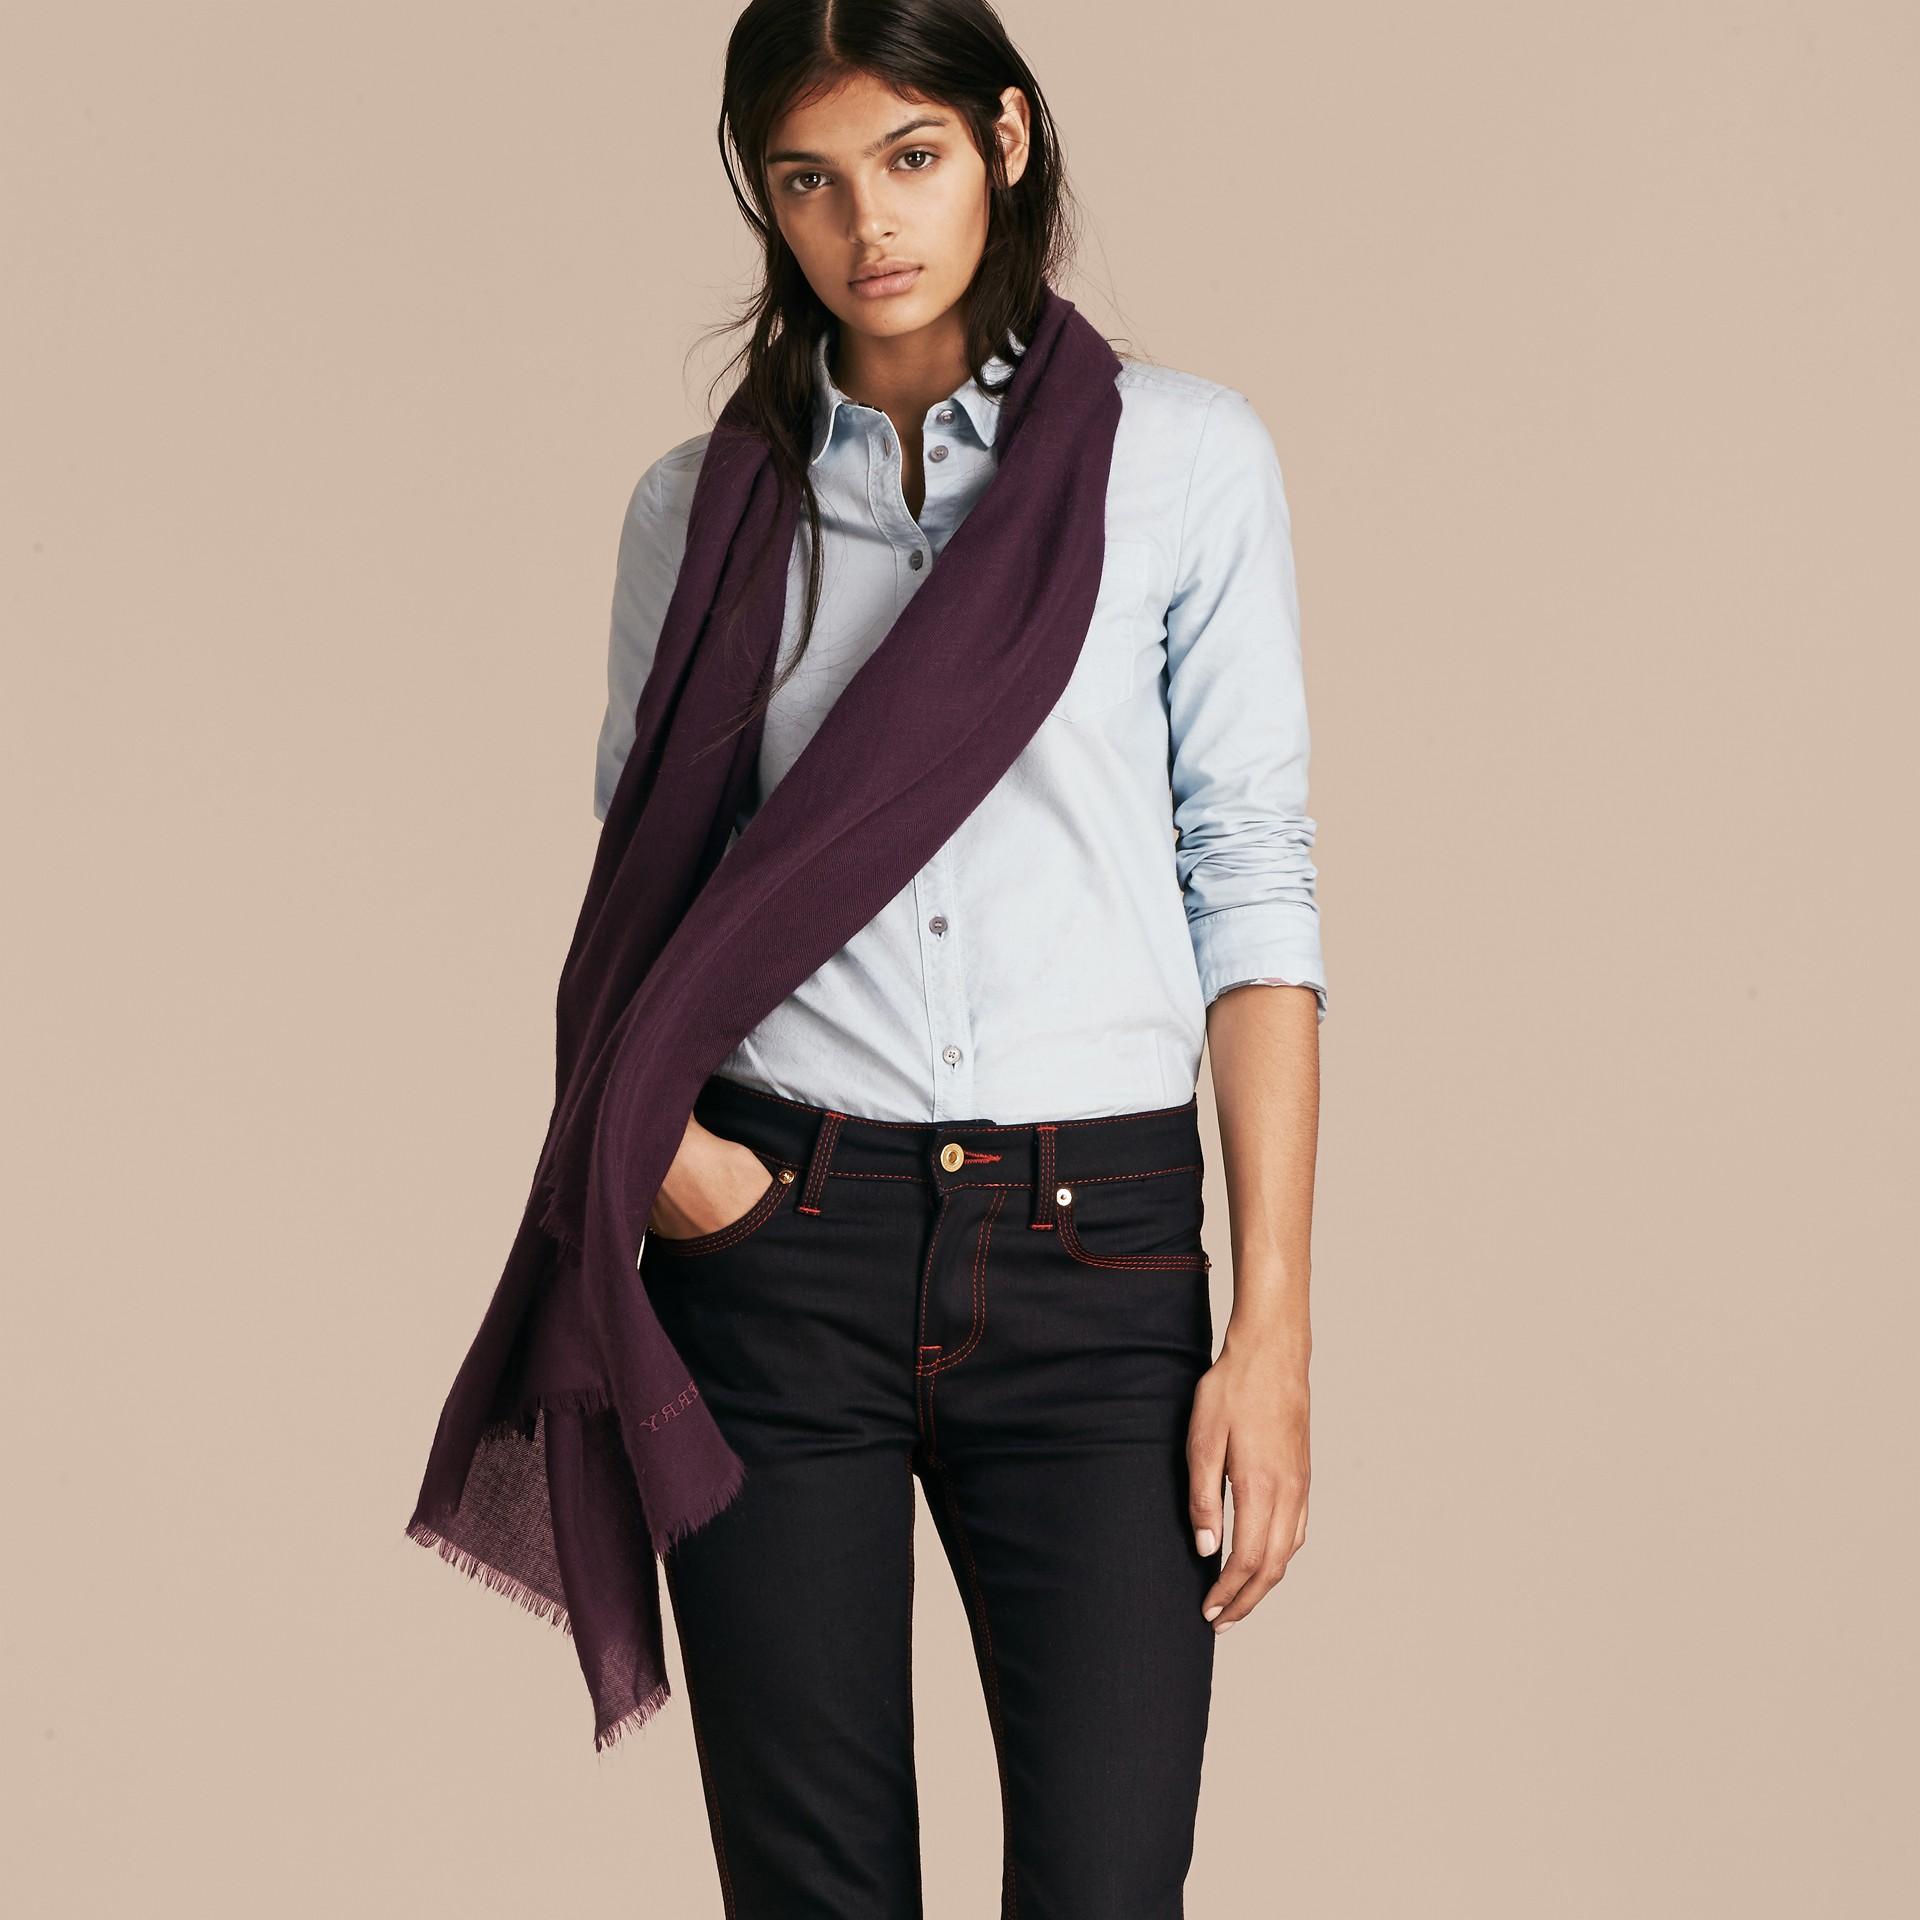 Баклажан Легкий шарф из кашемира Баклажан - изображение 3